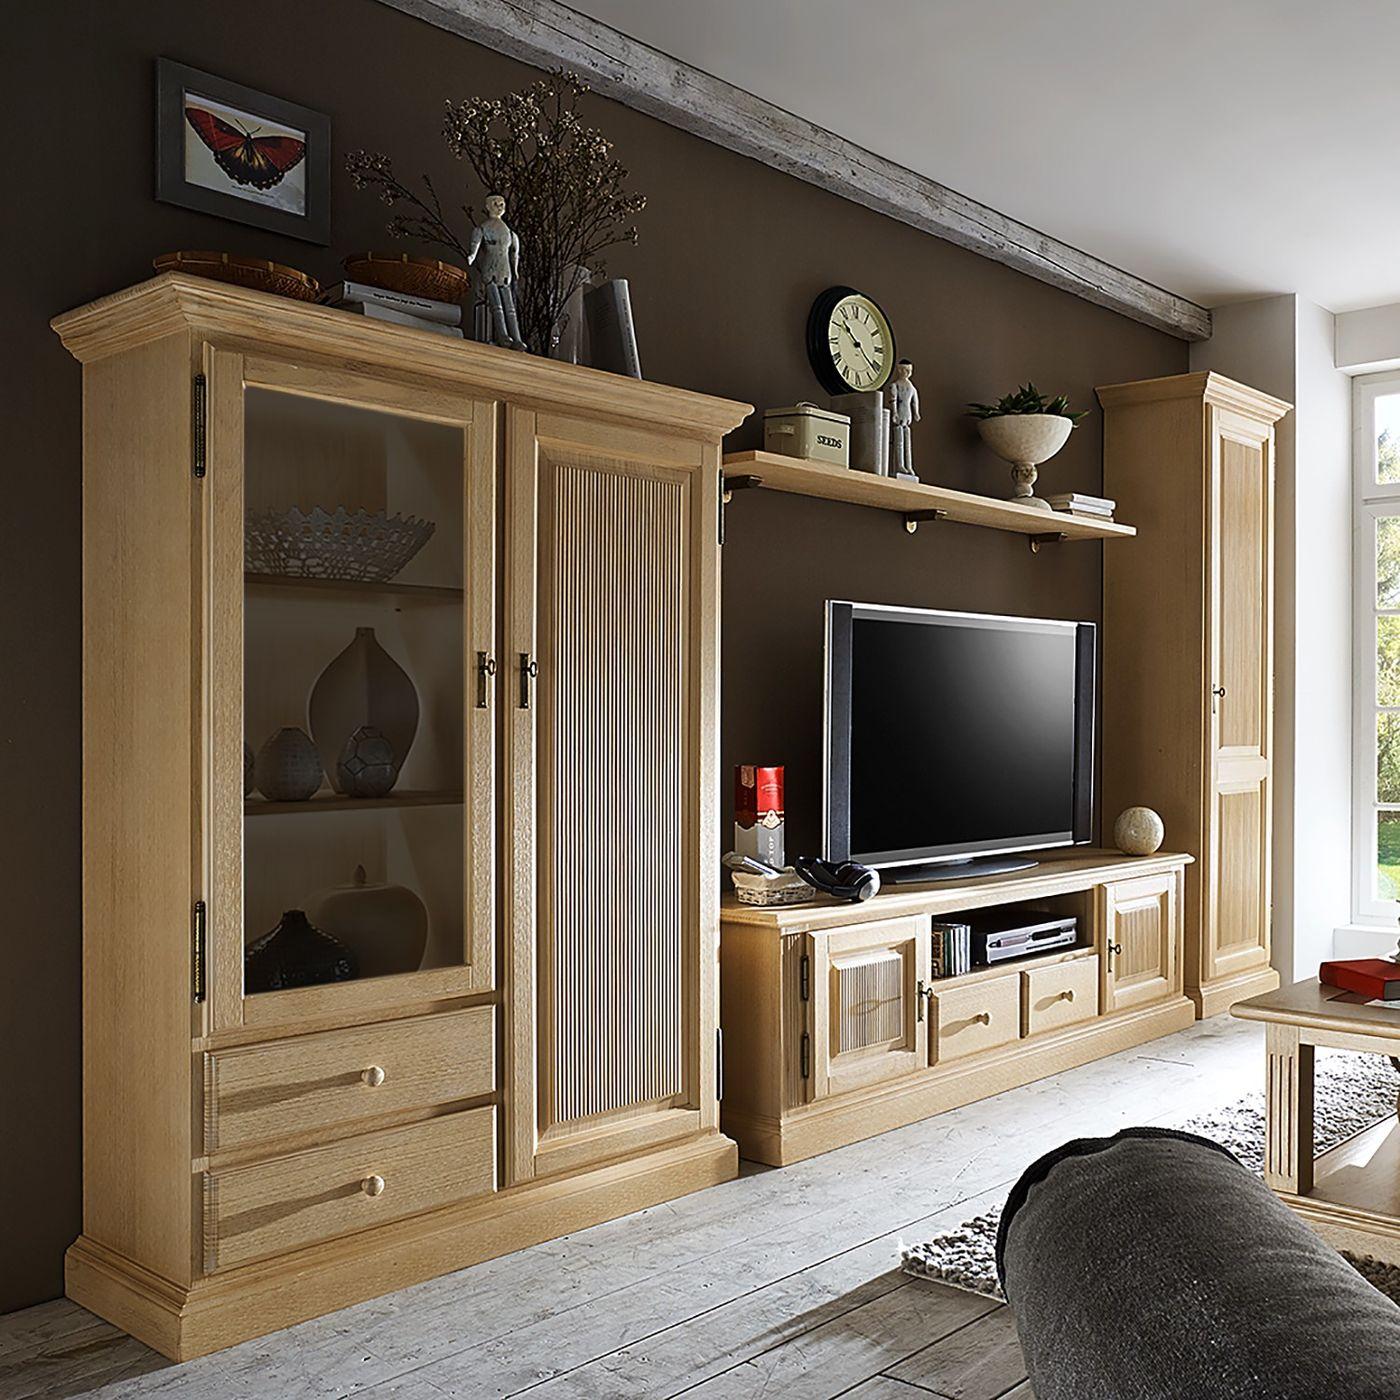 Stauraumwunder im wohnzimmer die wohnwand for Arredamento classico casa